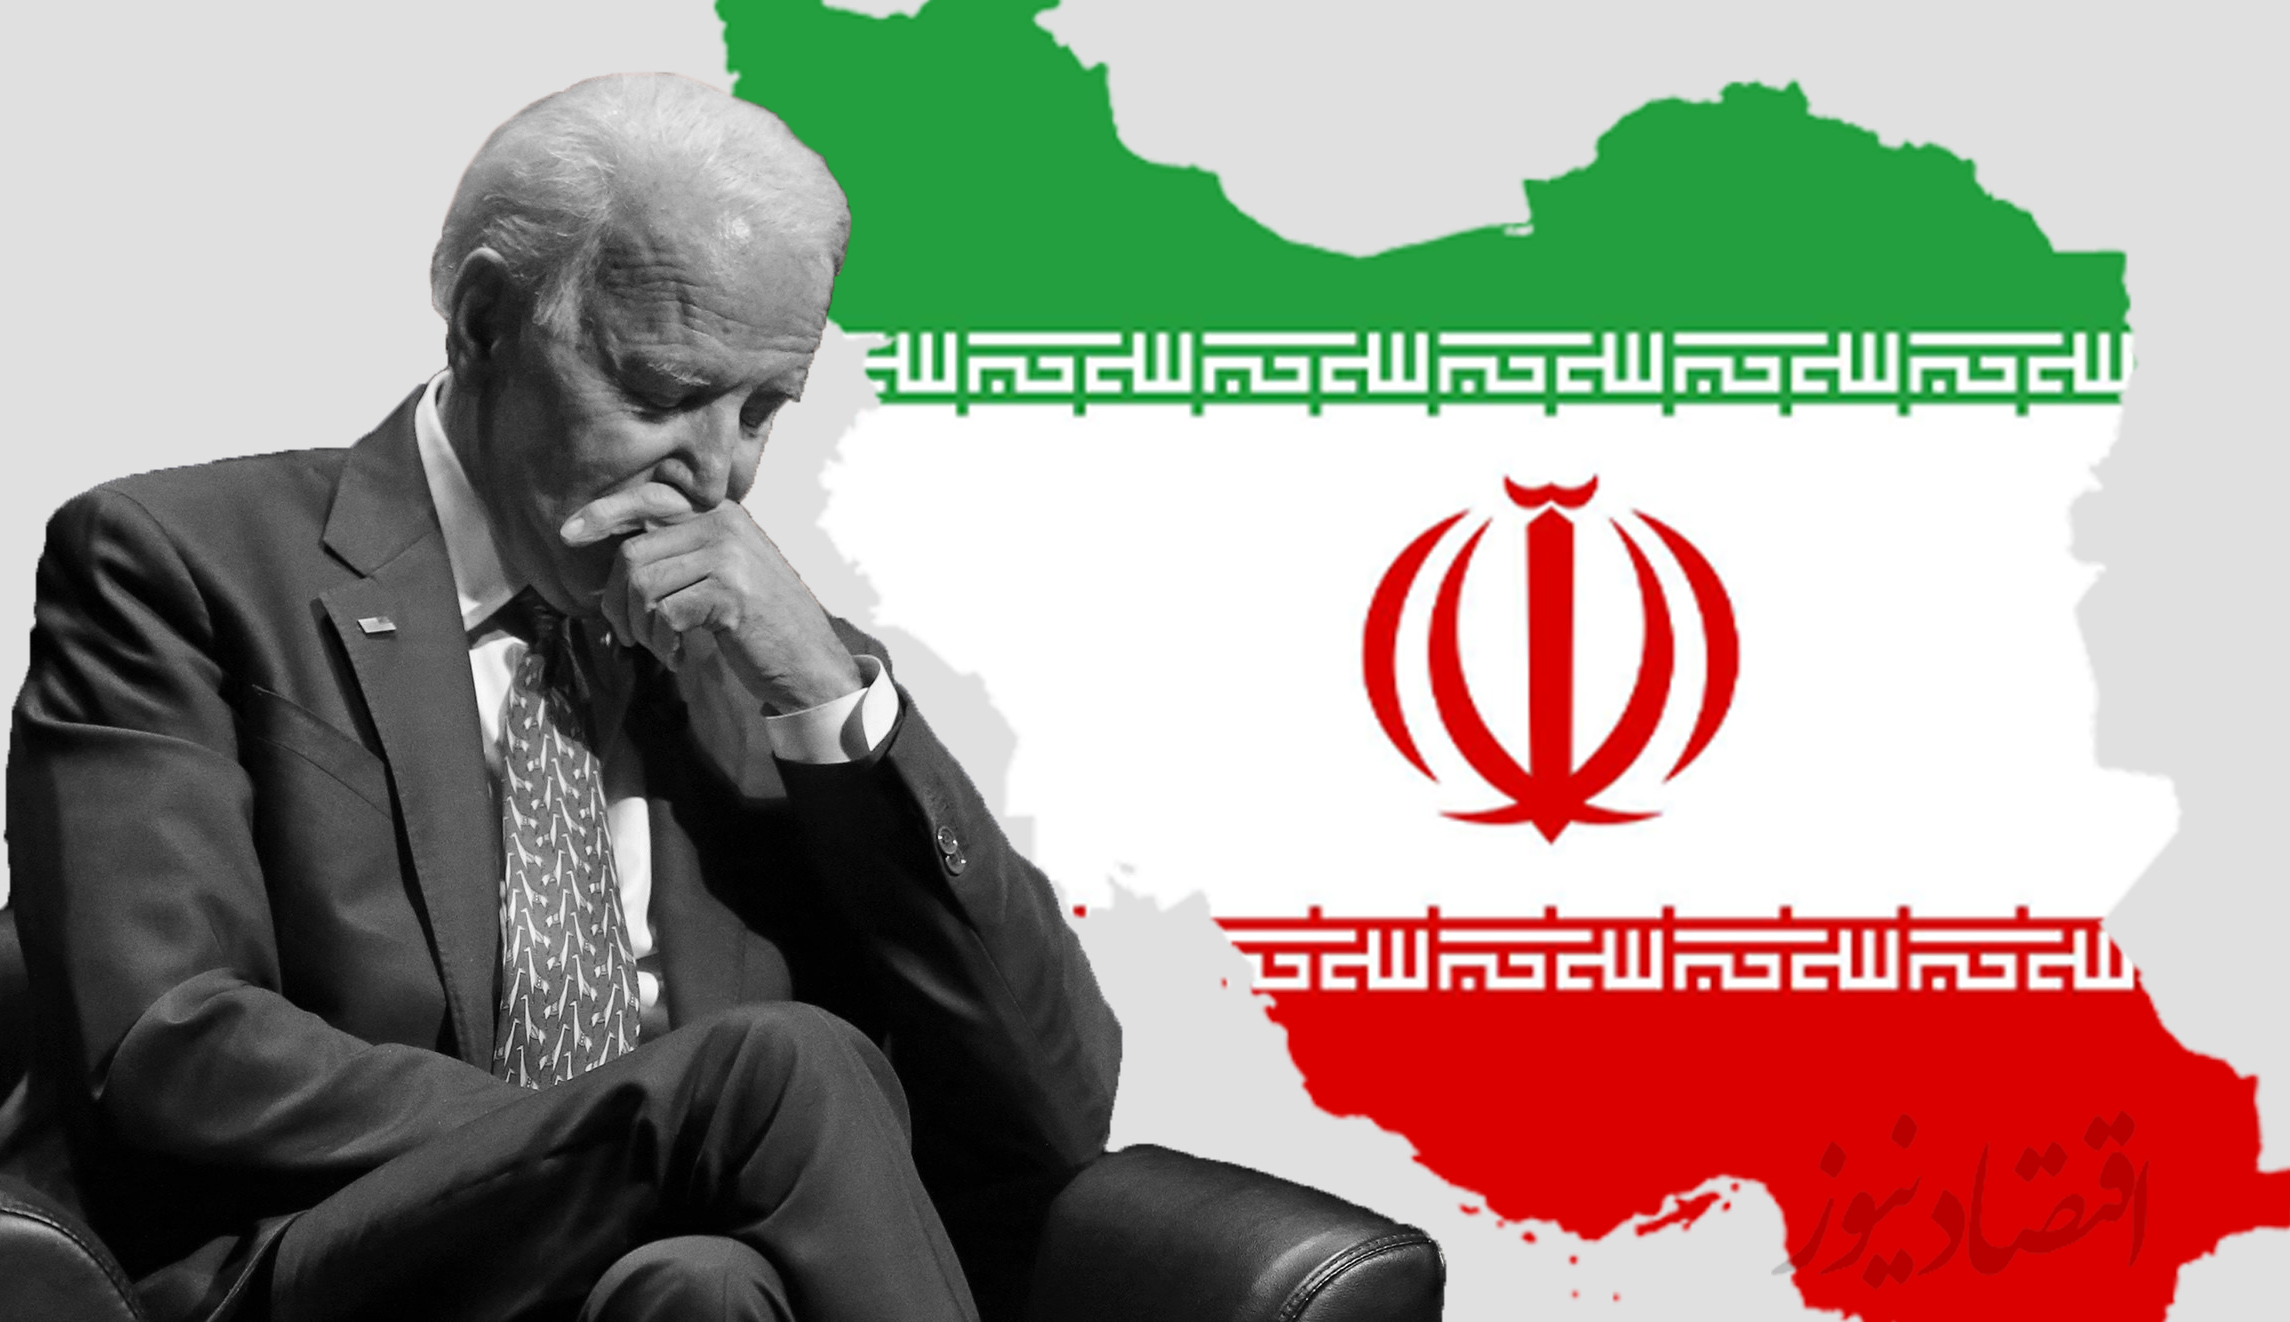 پیامدهای انتخابات آمریکا برای ایران / جو بایدن و دونالد ترامپ